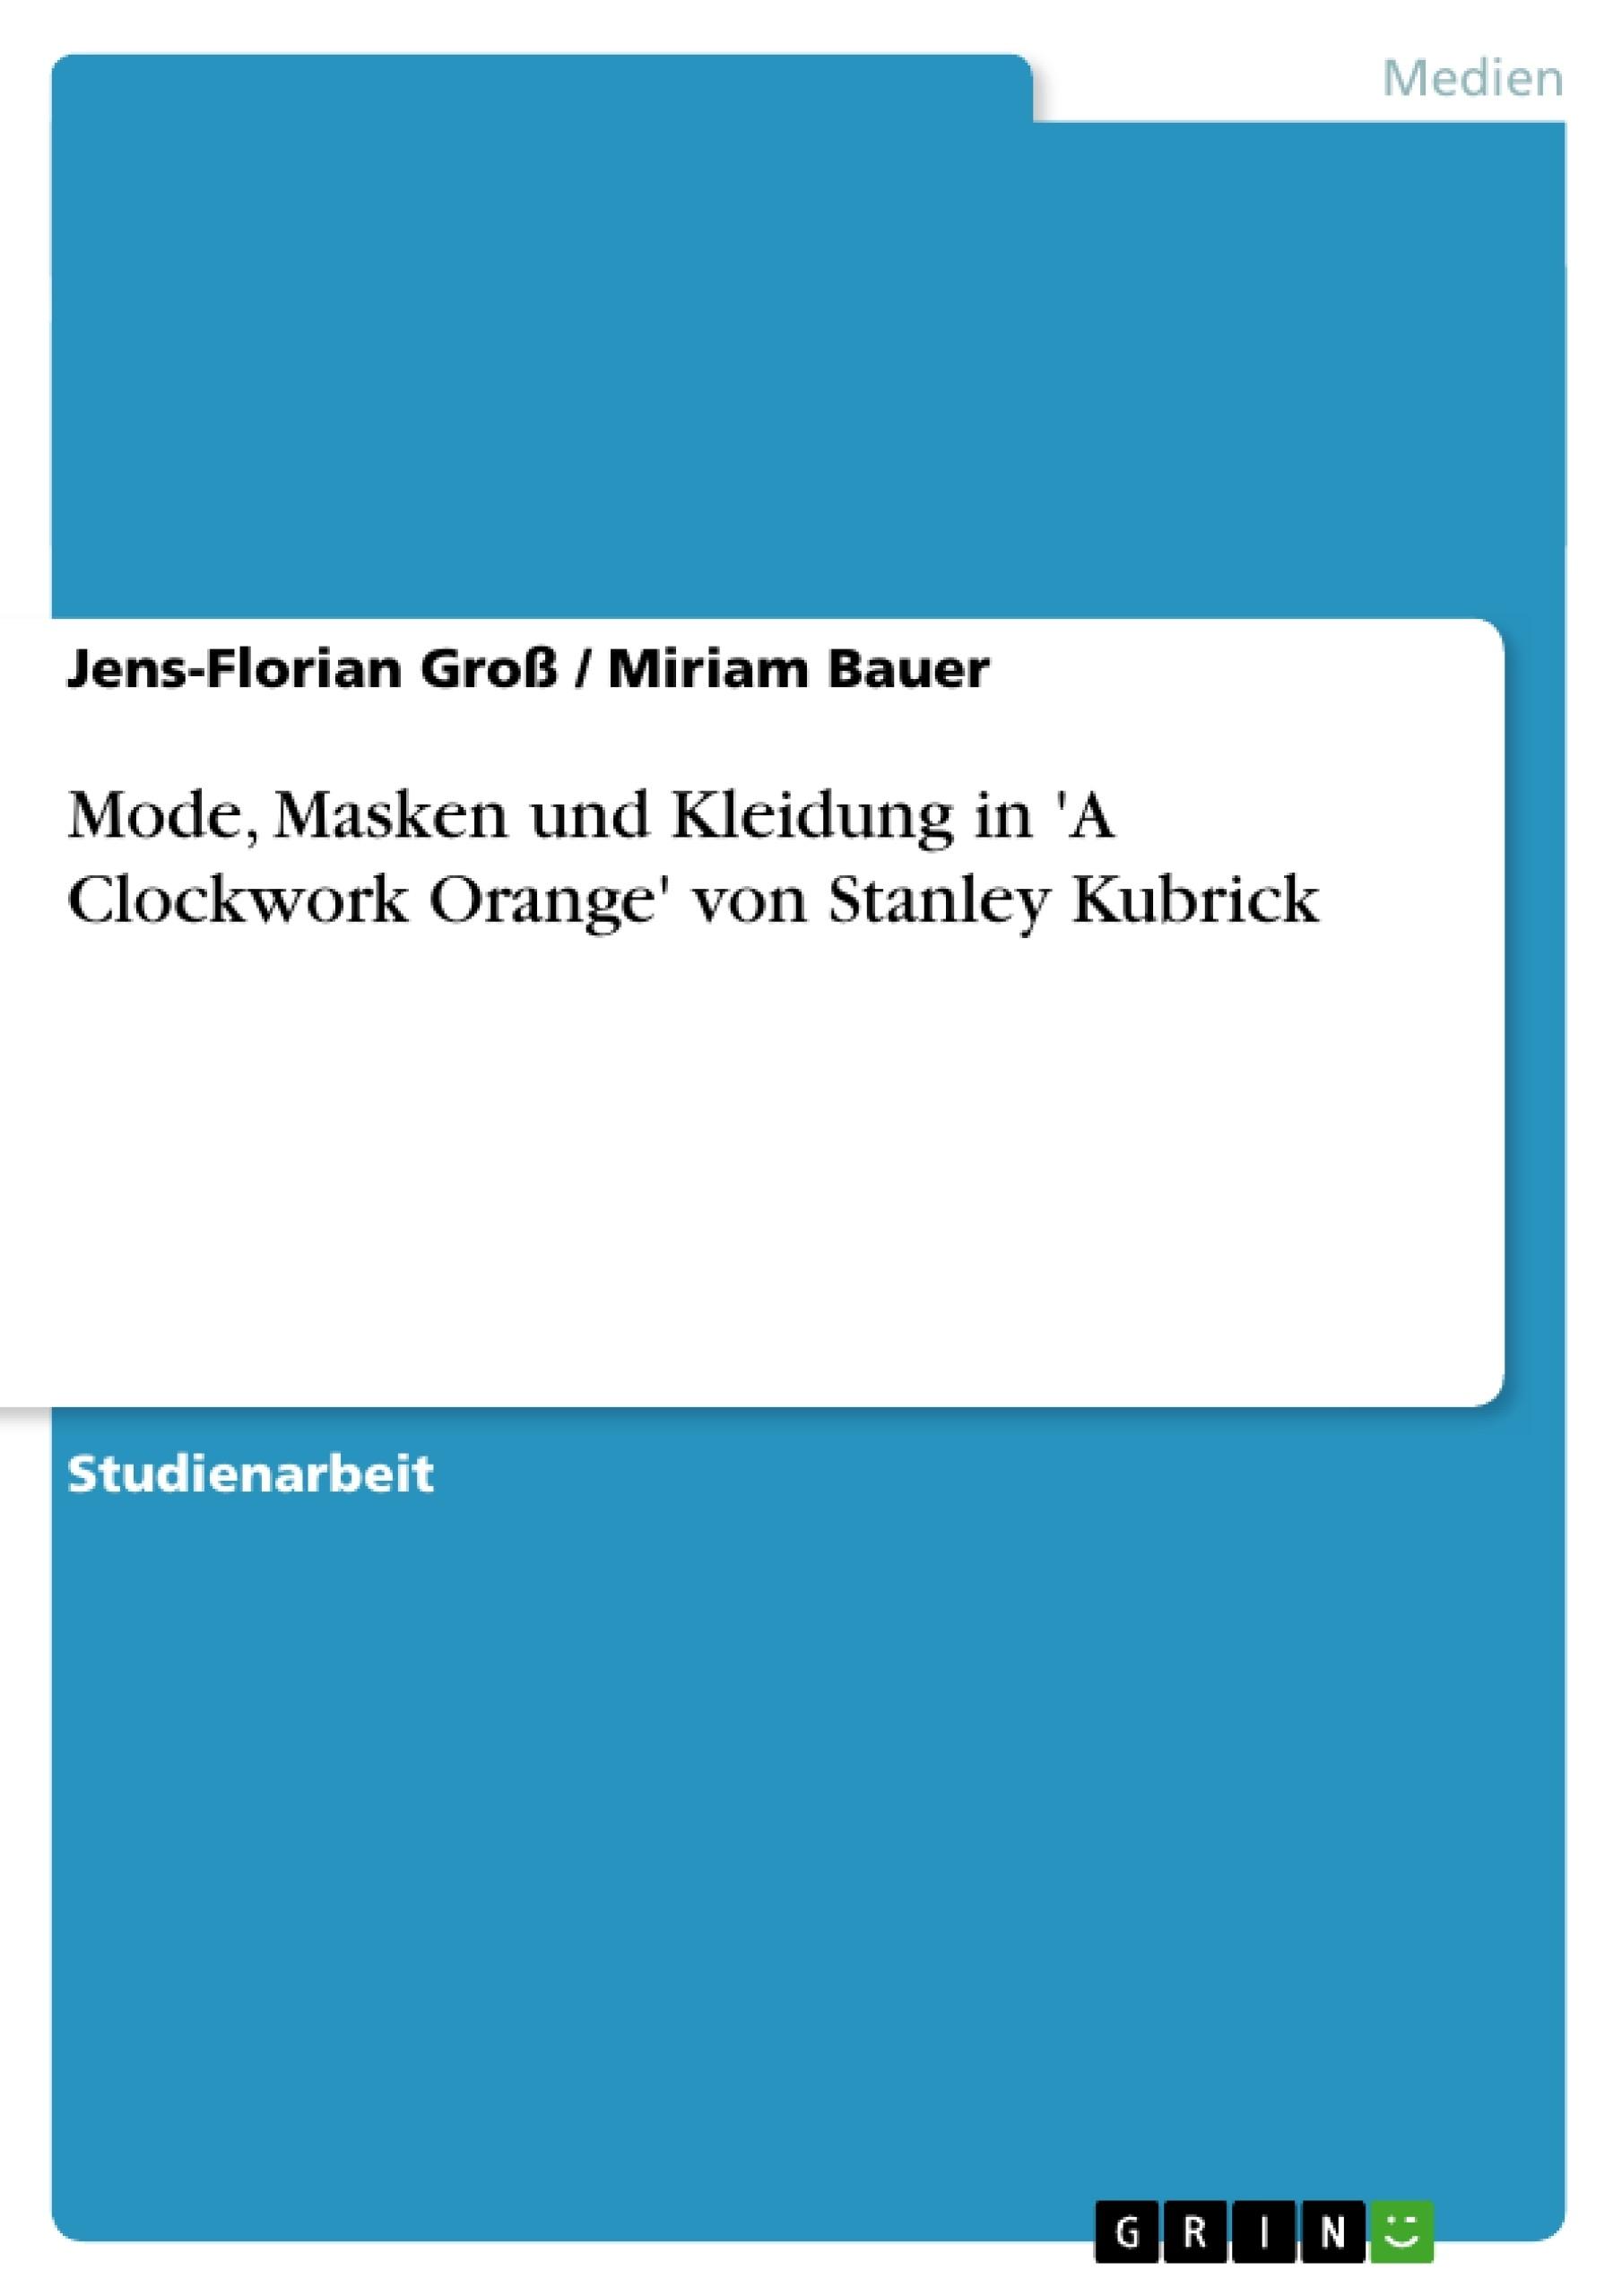 Titel: Mode, Masken und Kleidung in 'A Clockwork Orange' von Stanley Kubrick